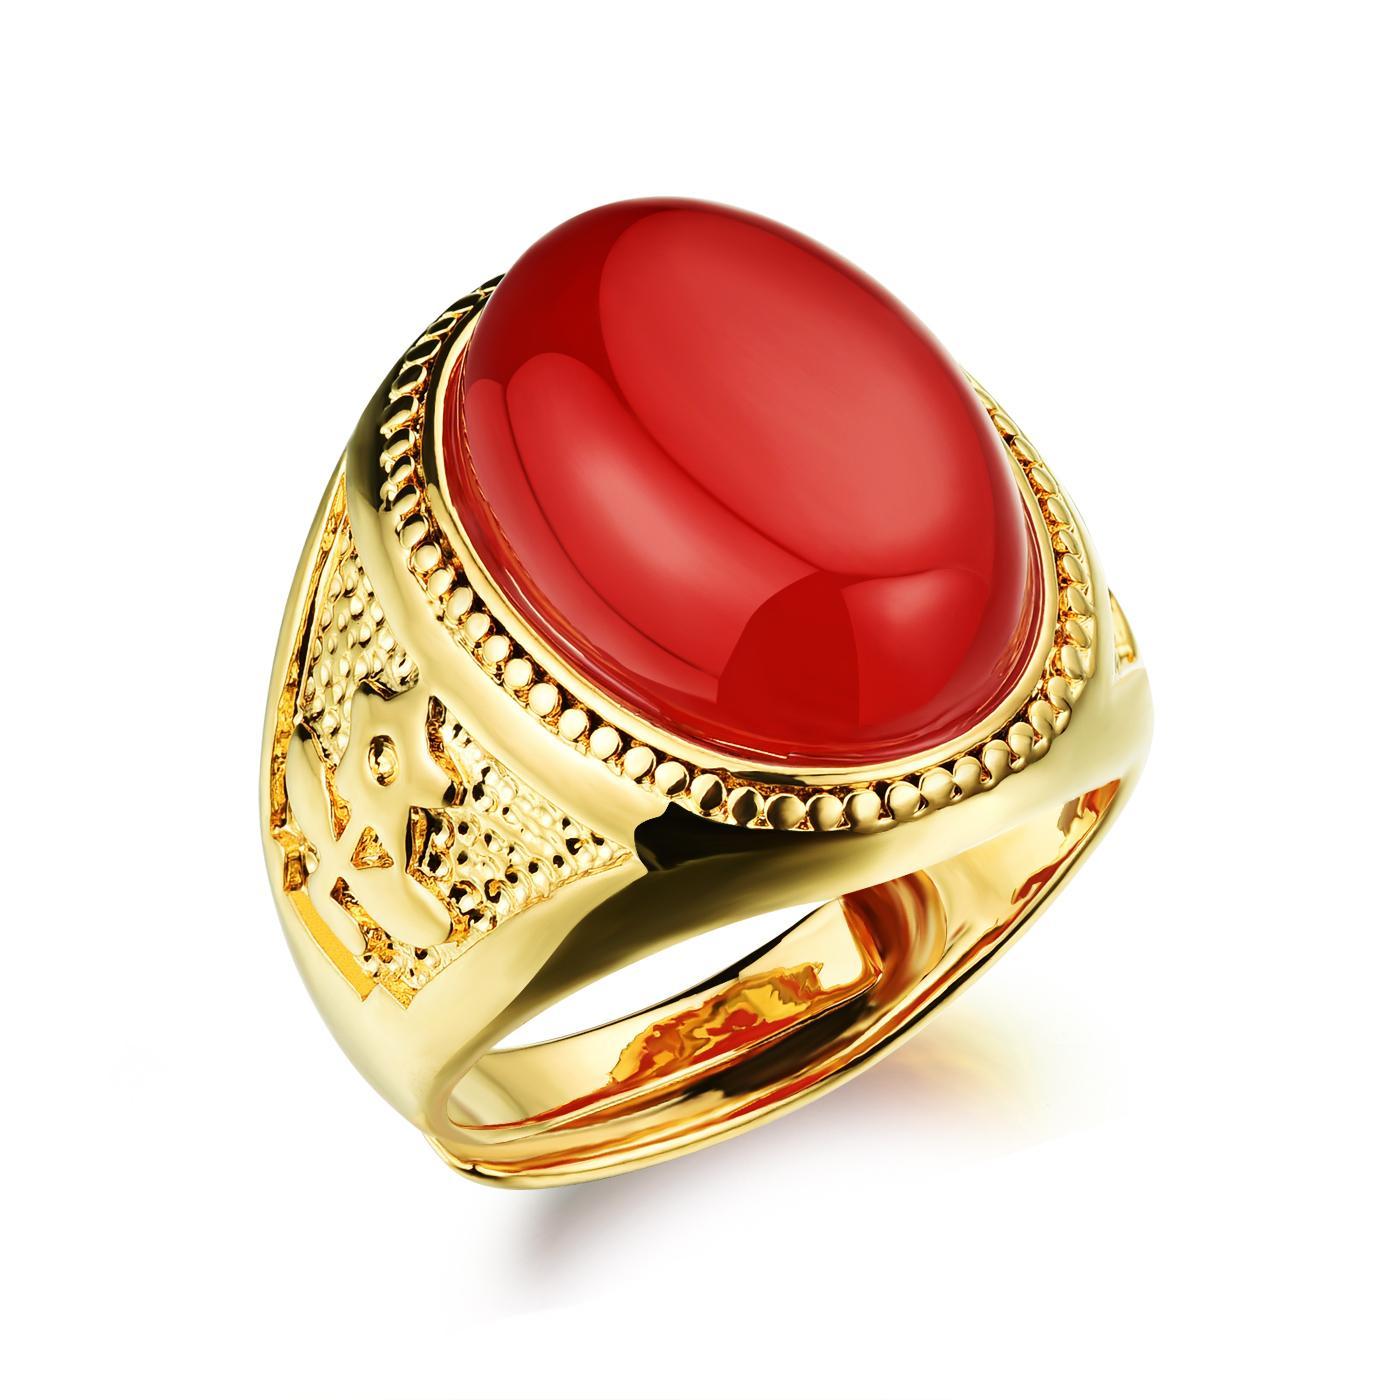 Grosshandel Schwarz Rot Grun Stein Manner Ring Gold Farbe Neue